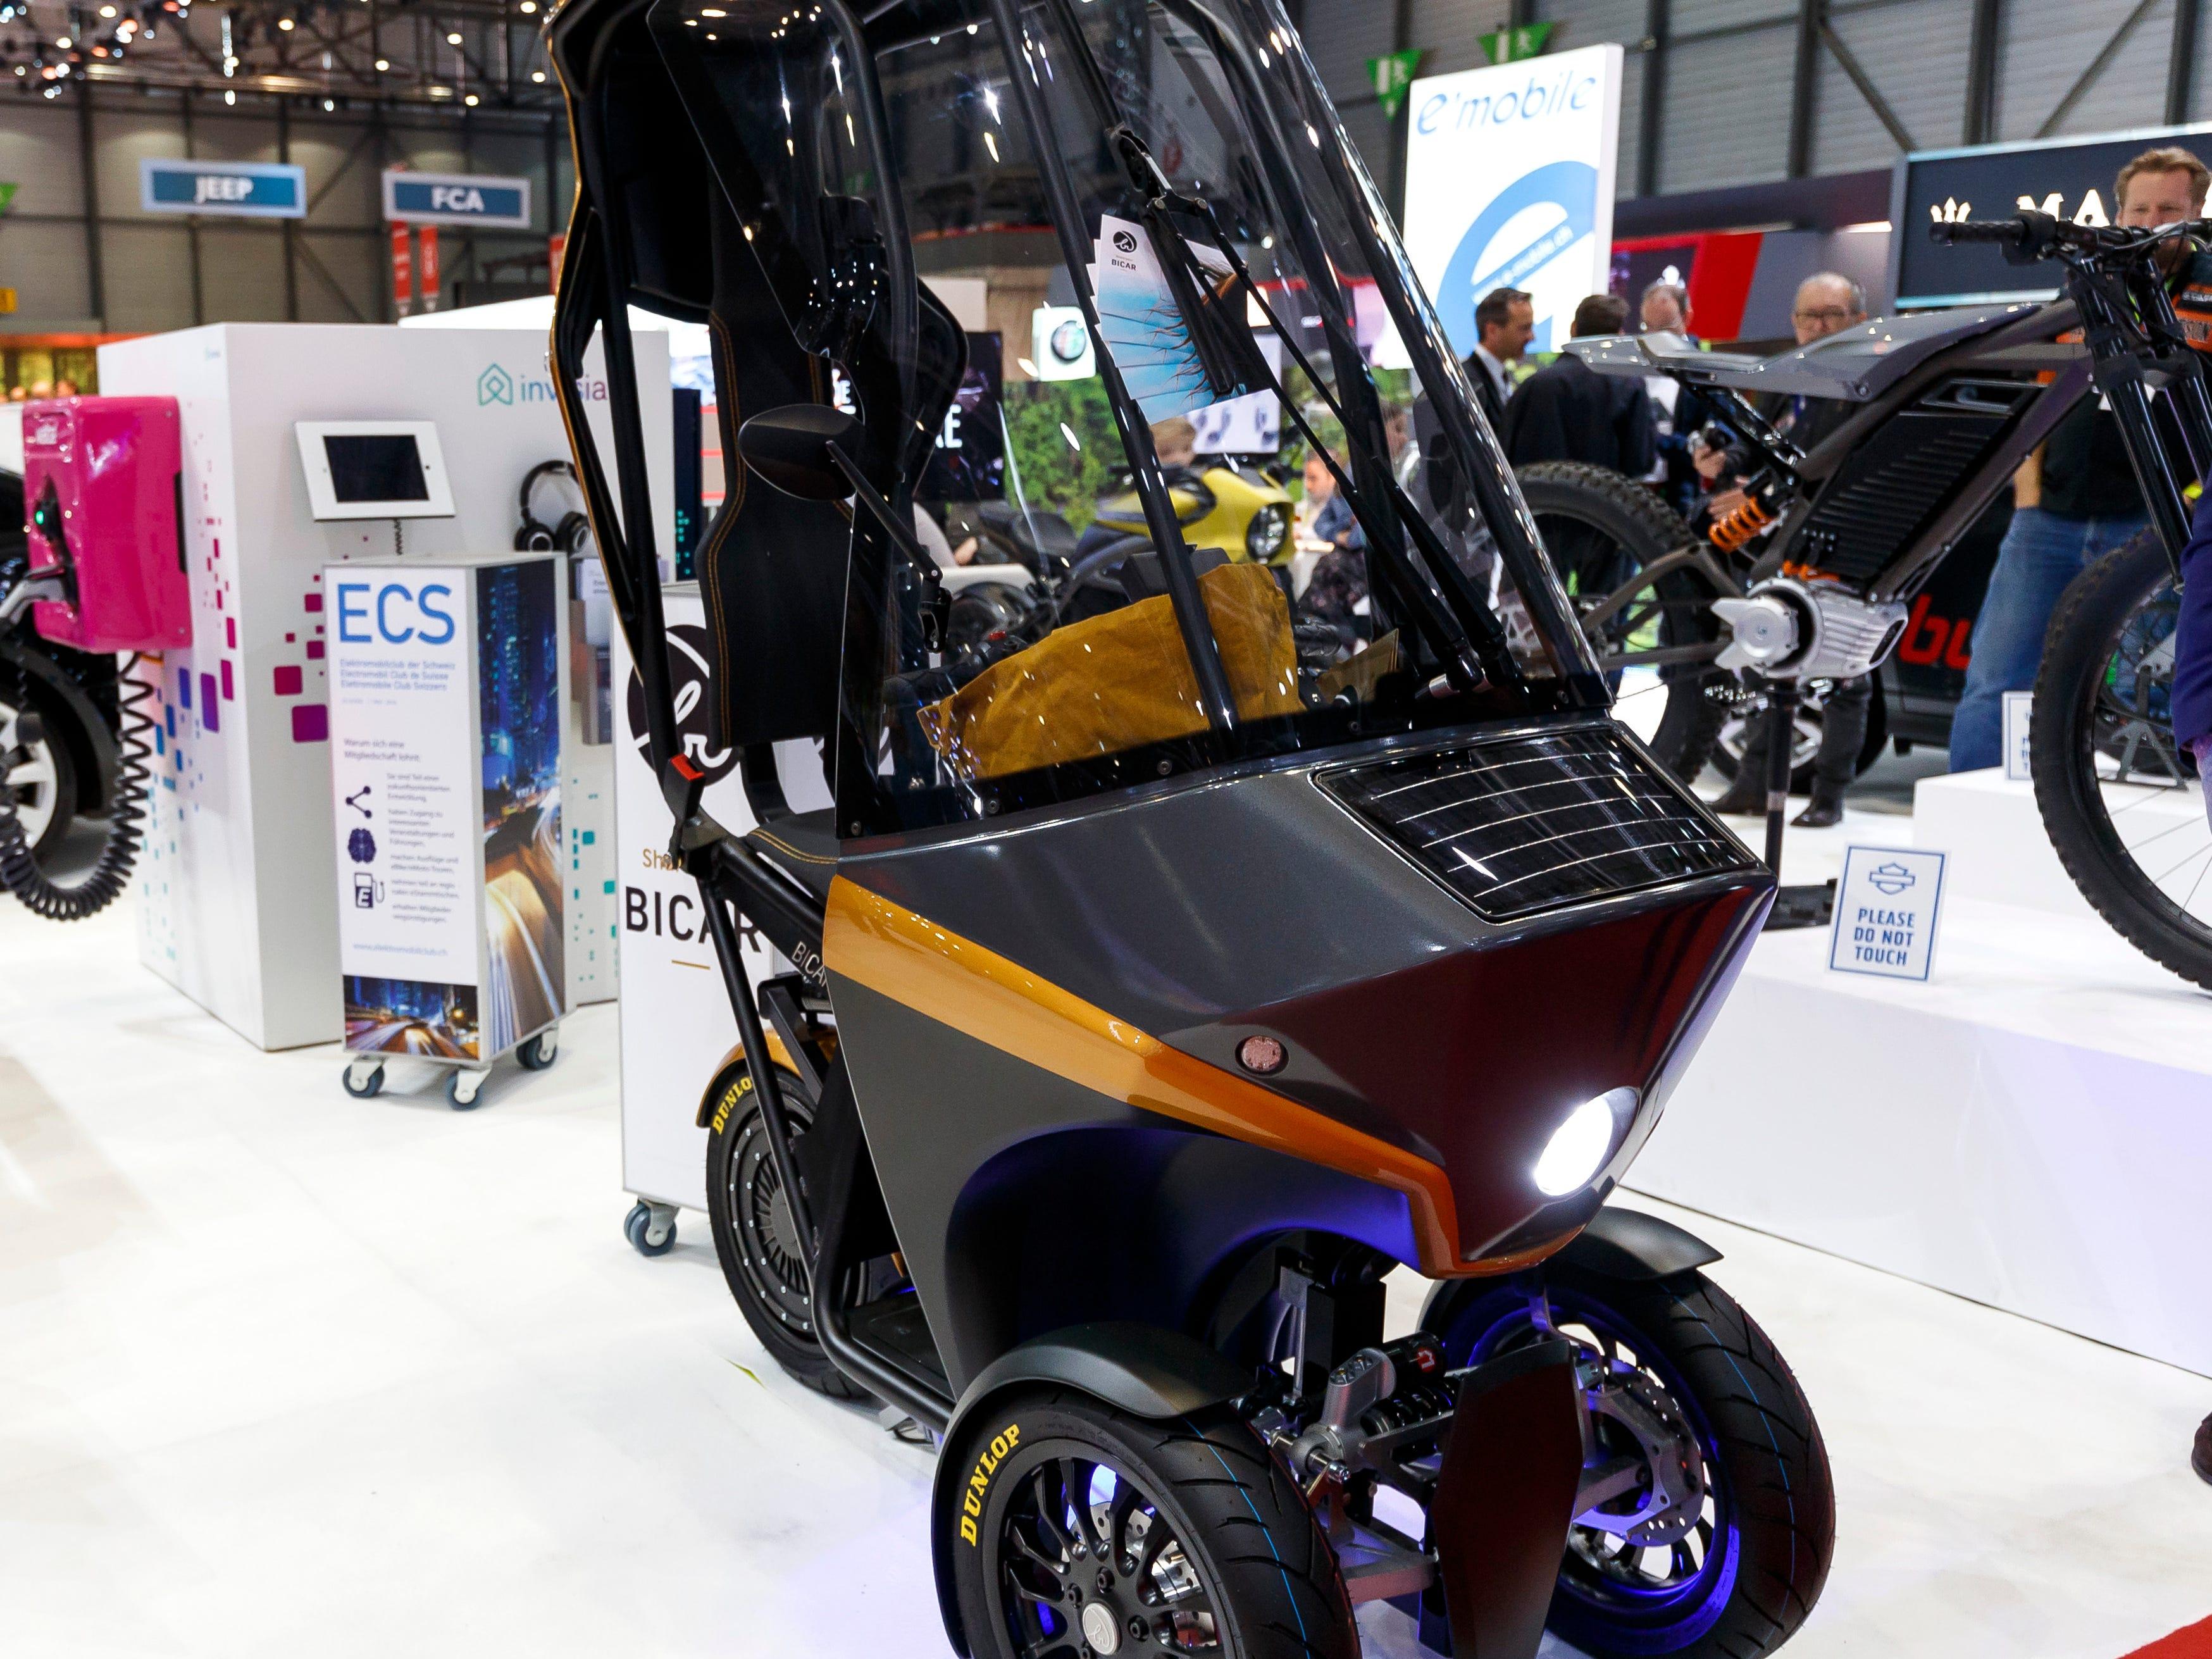 The E'Mobile Bicar